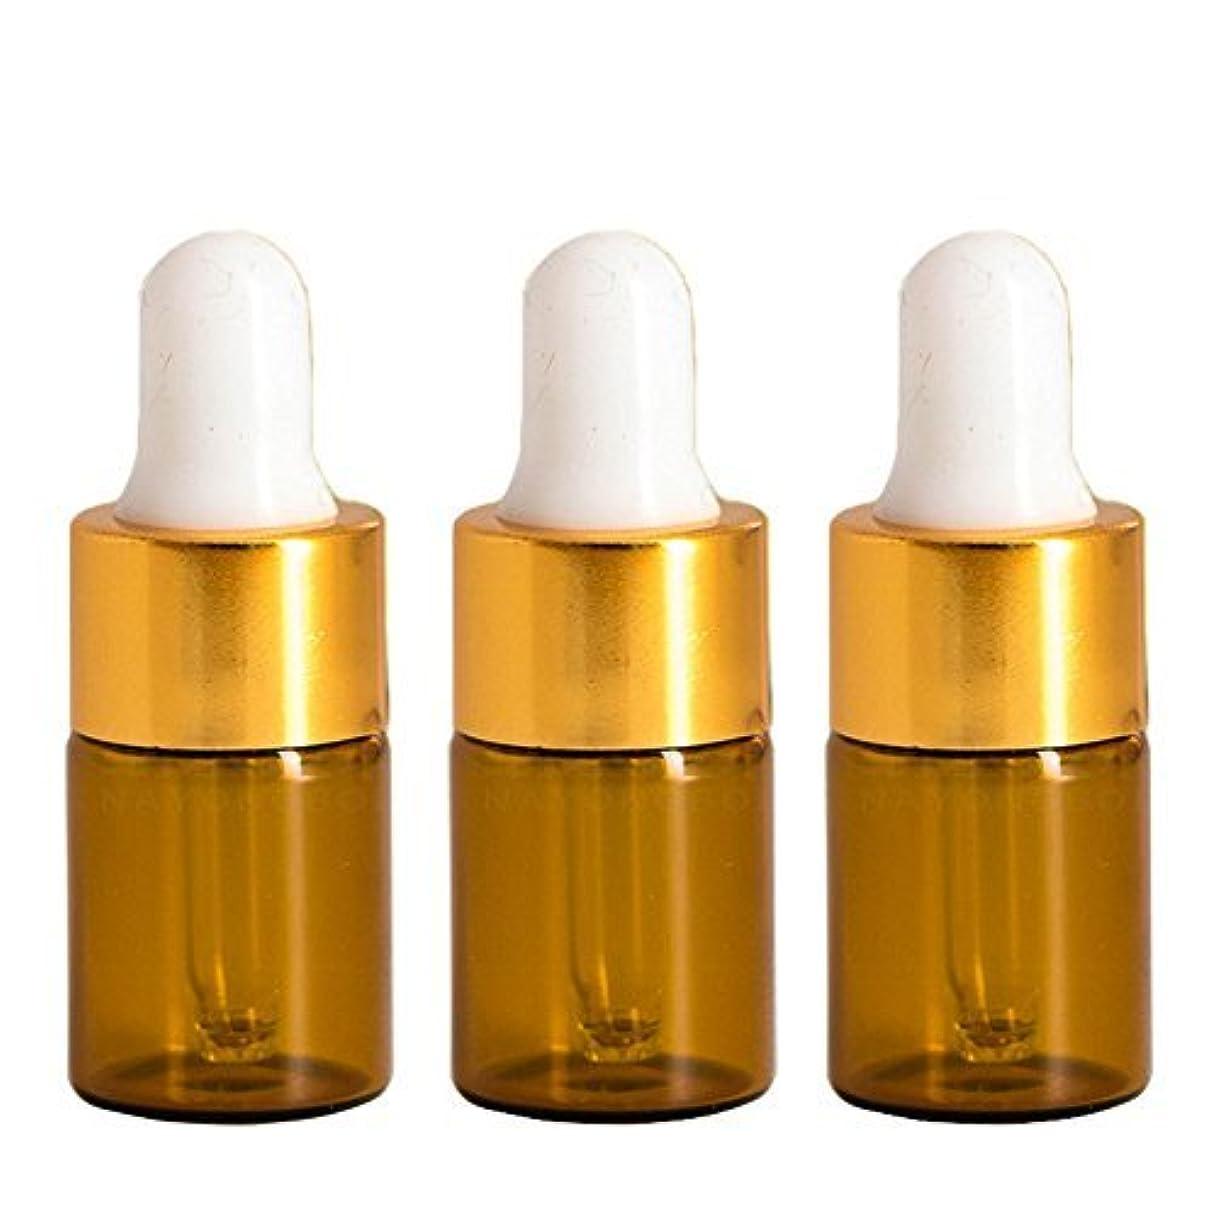 化学薬品アーサー宿題Furnido 15 pieces Mini Amber Glass Bottle with White Glass Pipette Dropper Rubber &Gold caps for Small Portable...